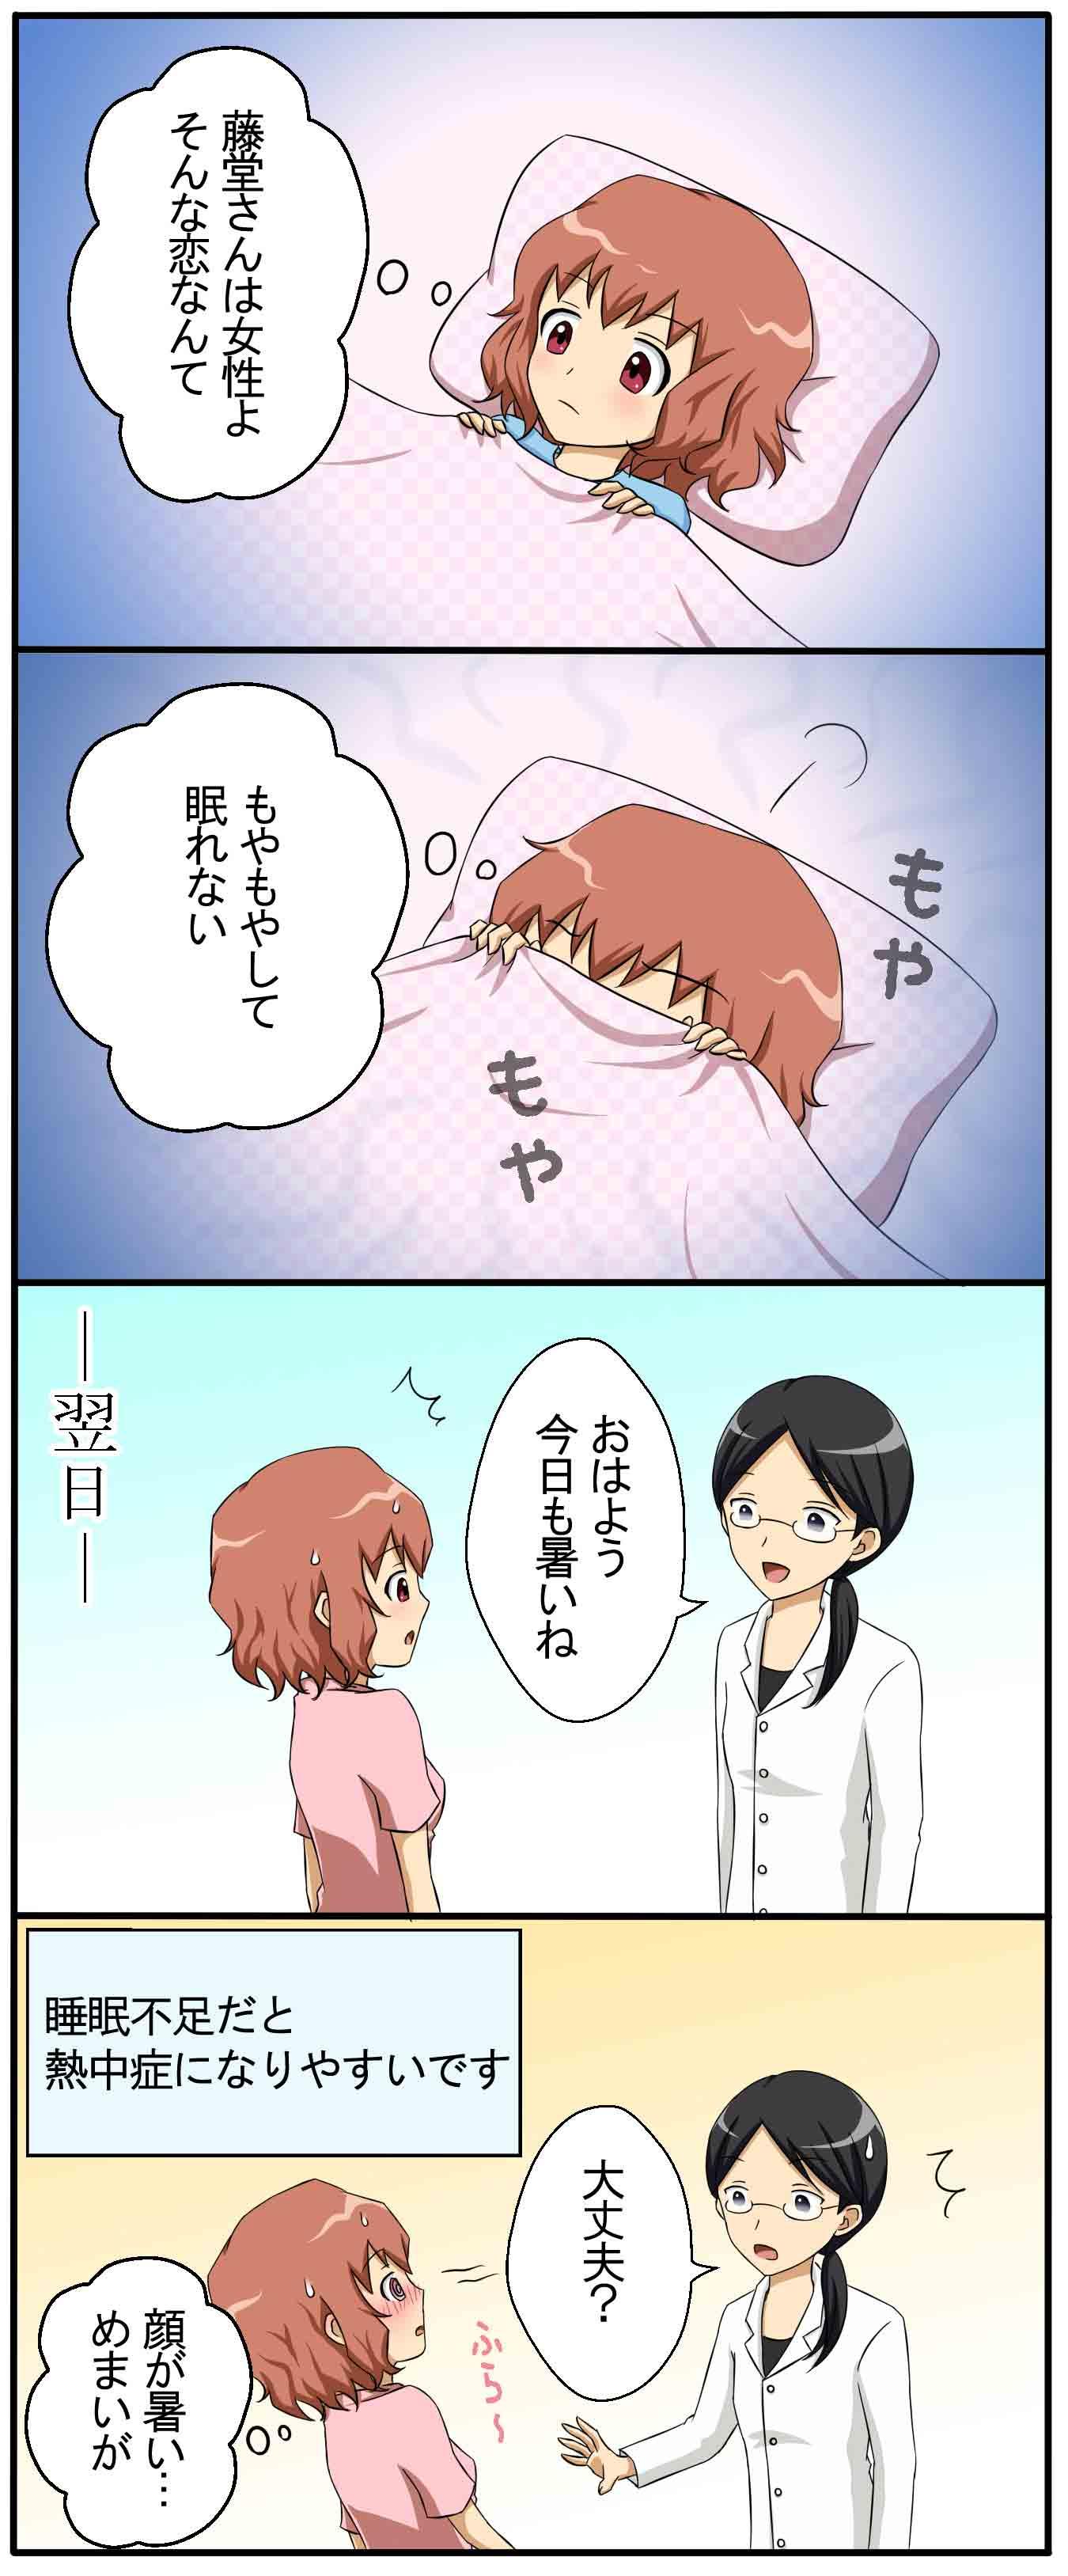 第六話「睡眠不足がつれてくるもの」